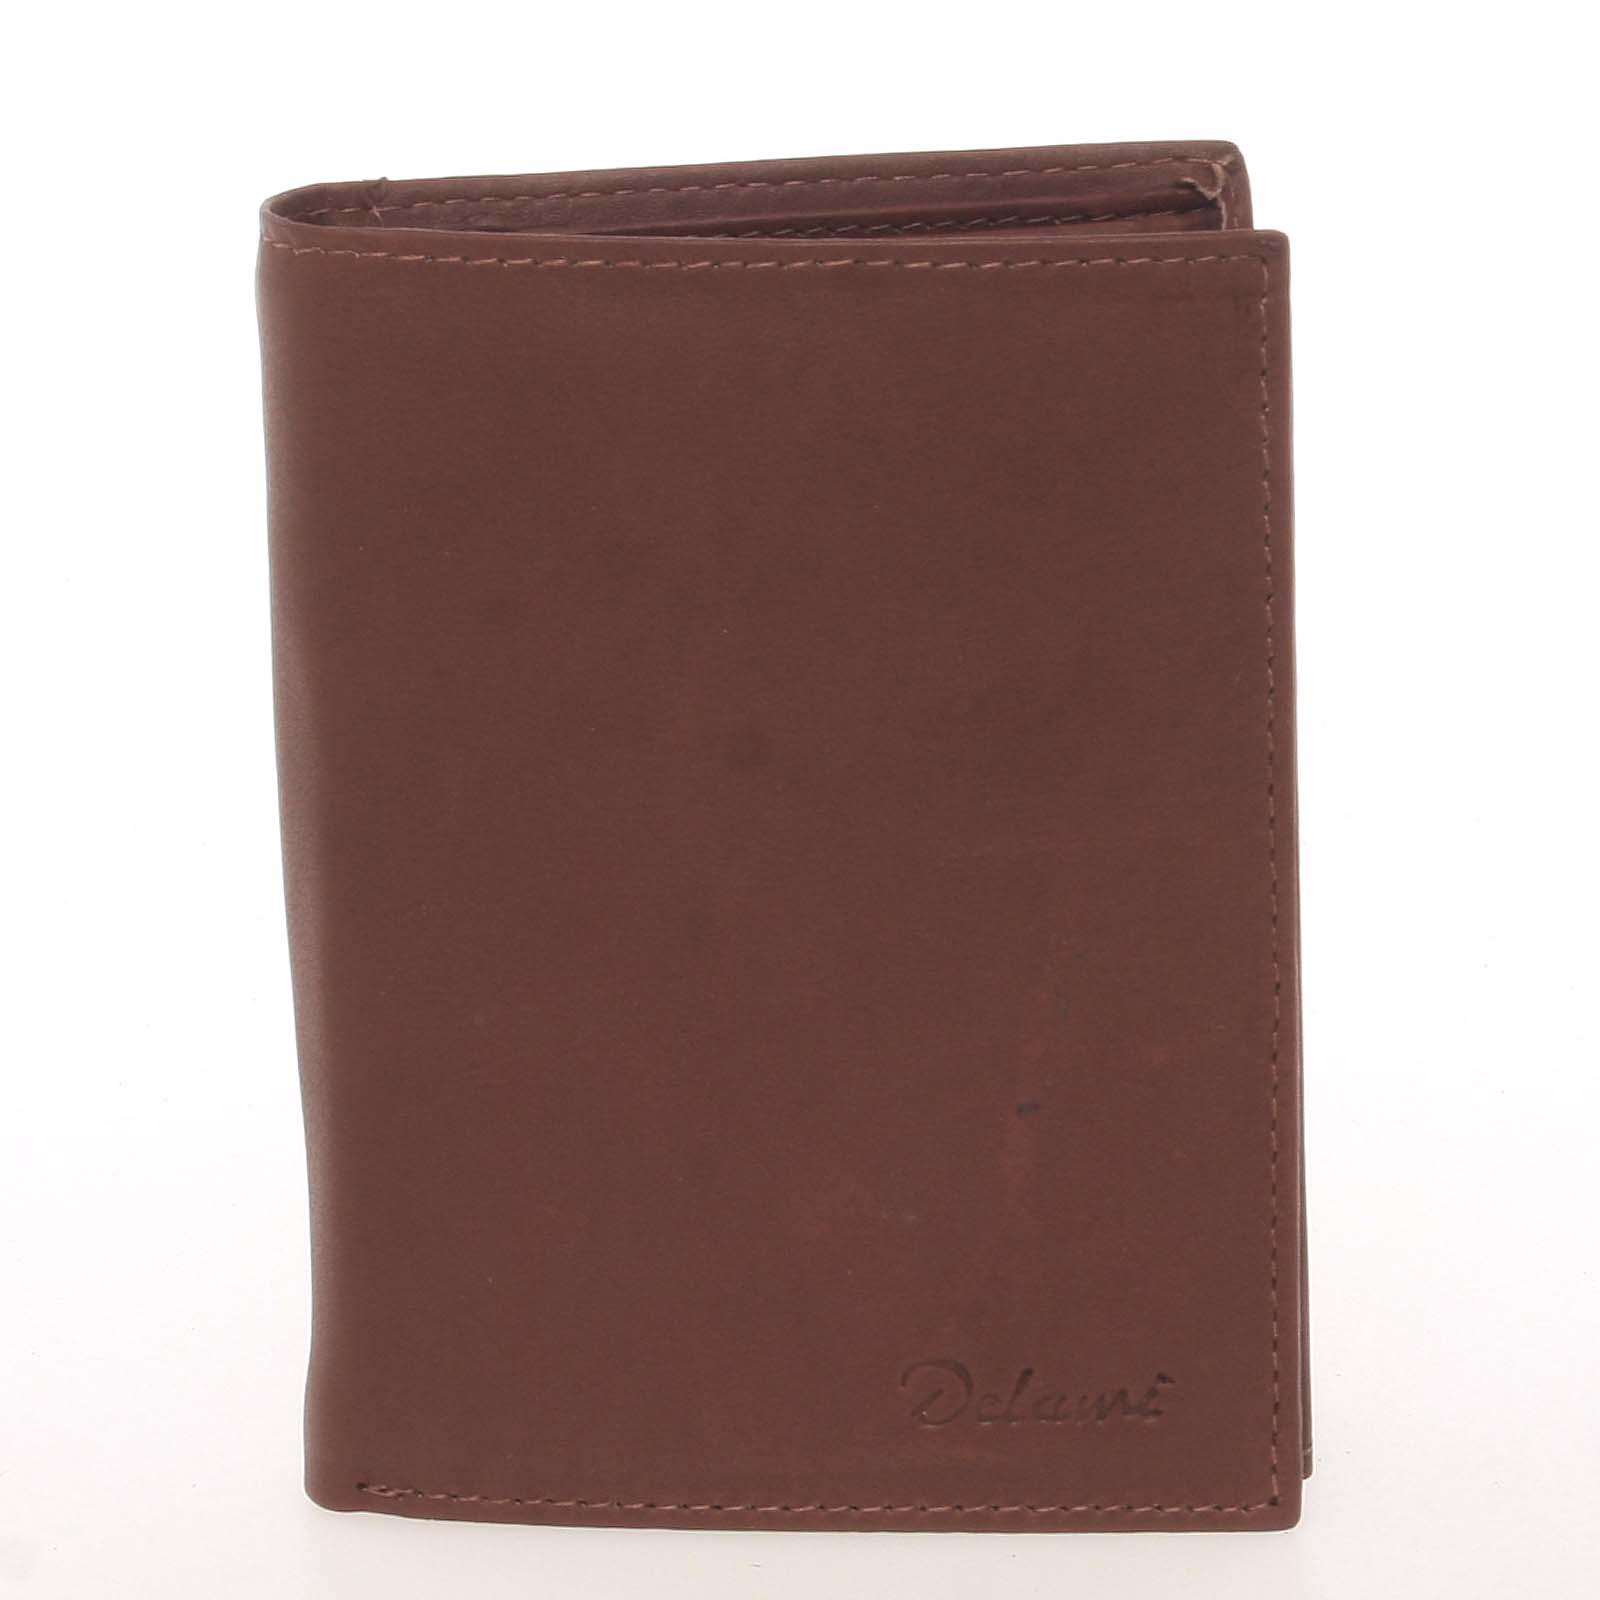 Pánska kožená hnedá peňaženka - Delami Therron hnedá